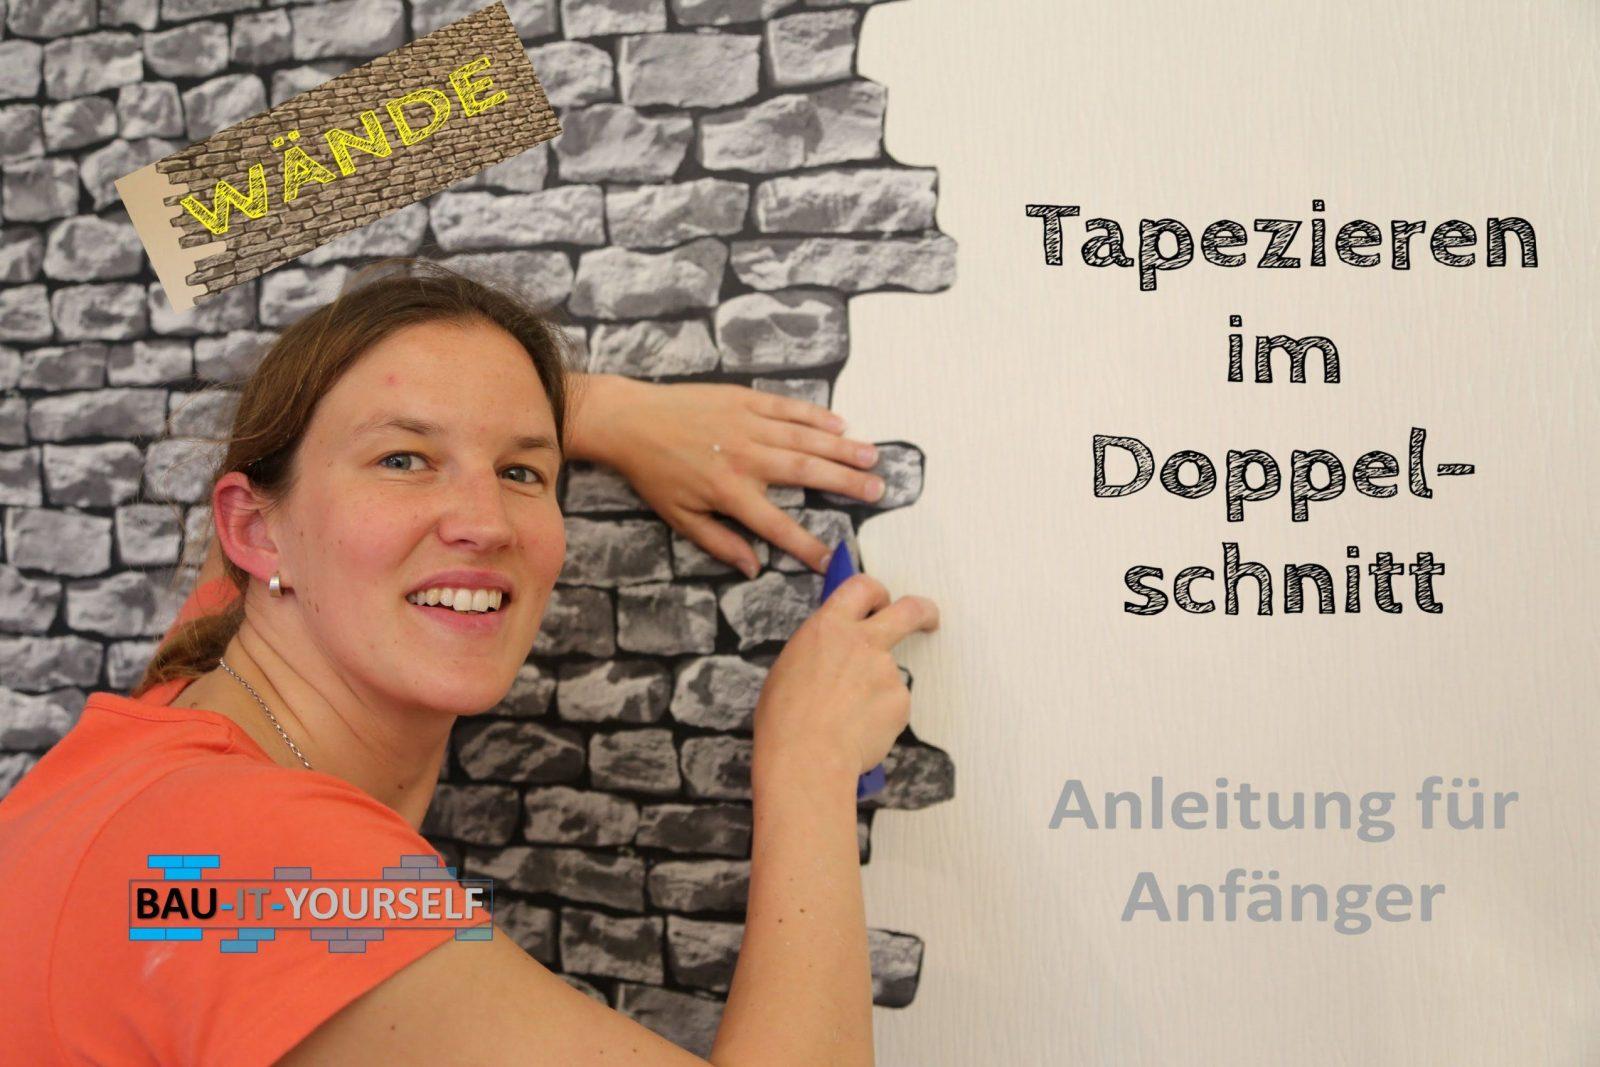 Tapezieren Doppelschnitt Wandgestaltung Wand Wände Doppelnahtschnitt von Wandgestaltung Mit Tapeten Wohnzimmer Photo